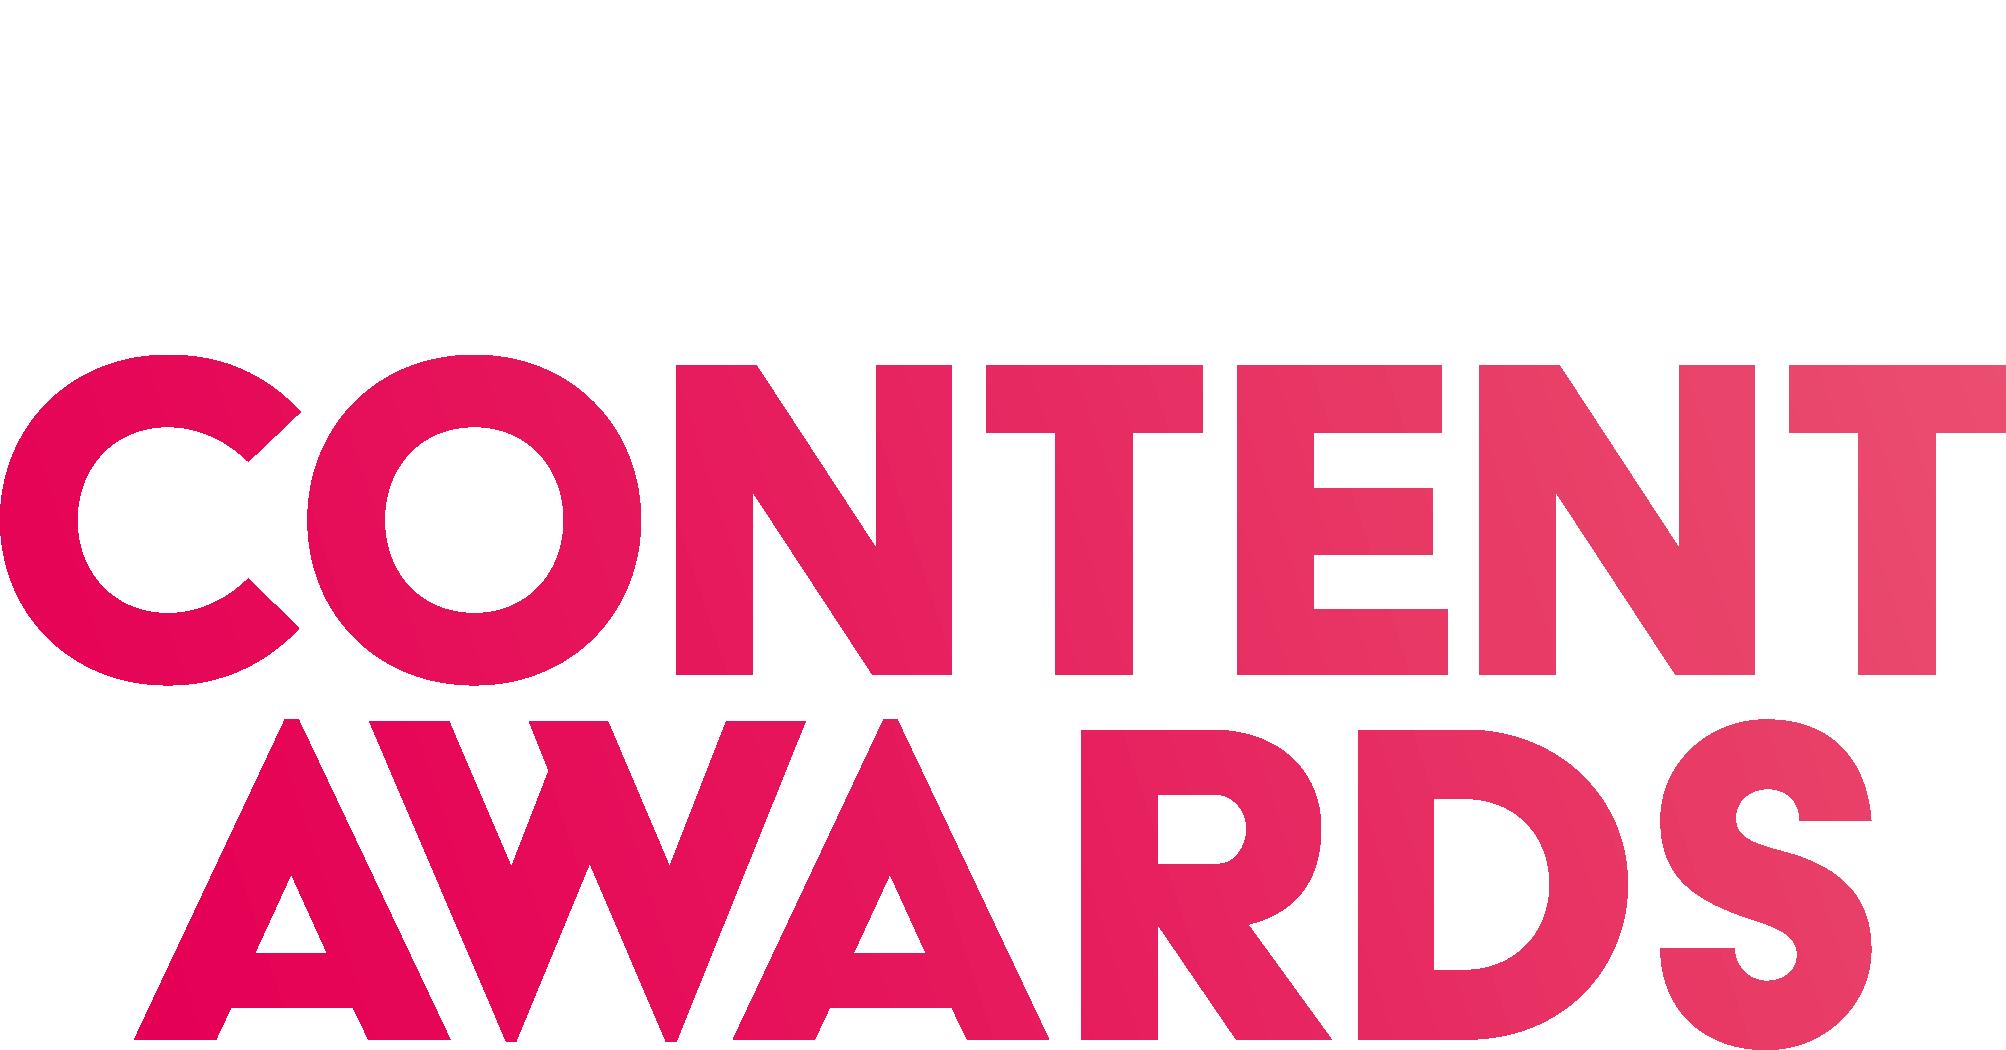 Global Content Awards logo